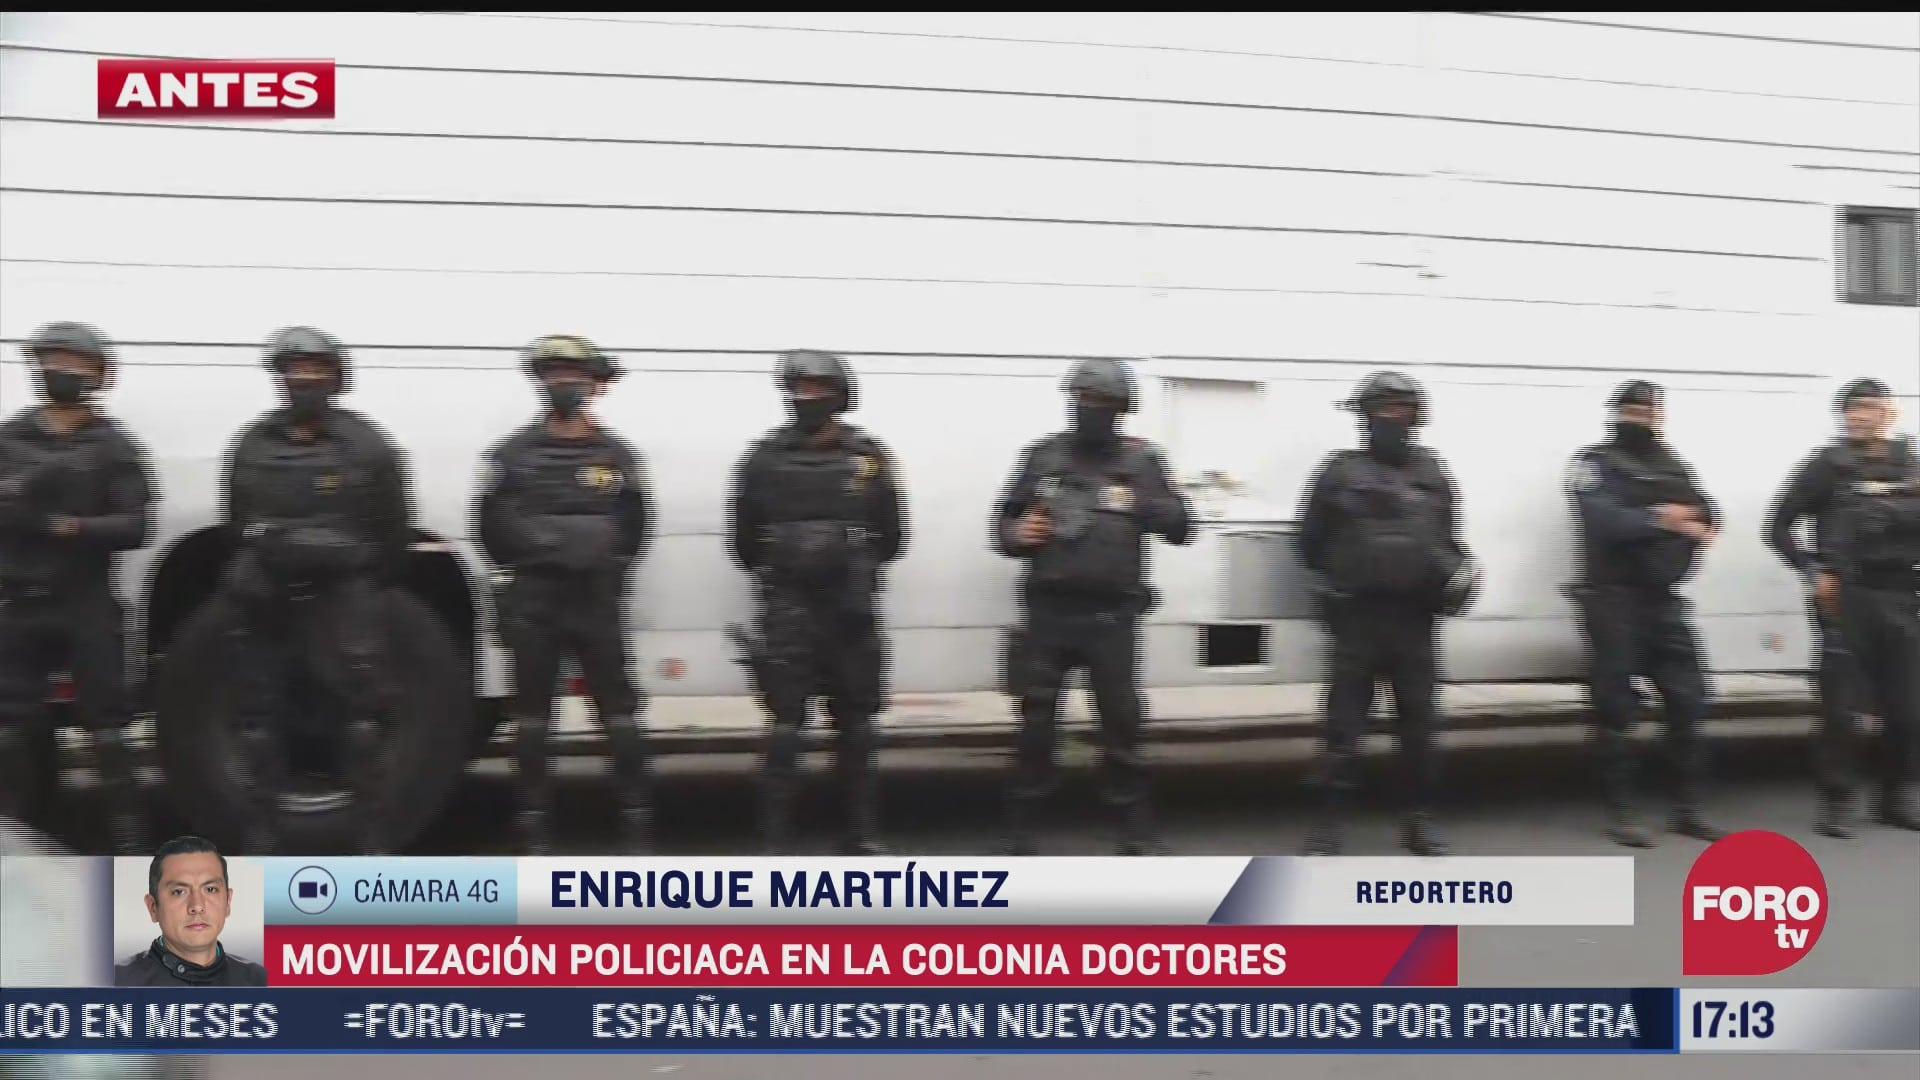 se registra fuerte movilizacion policiaca en la colonia doctores en la cdmx